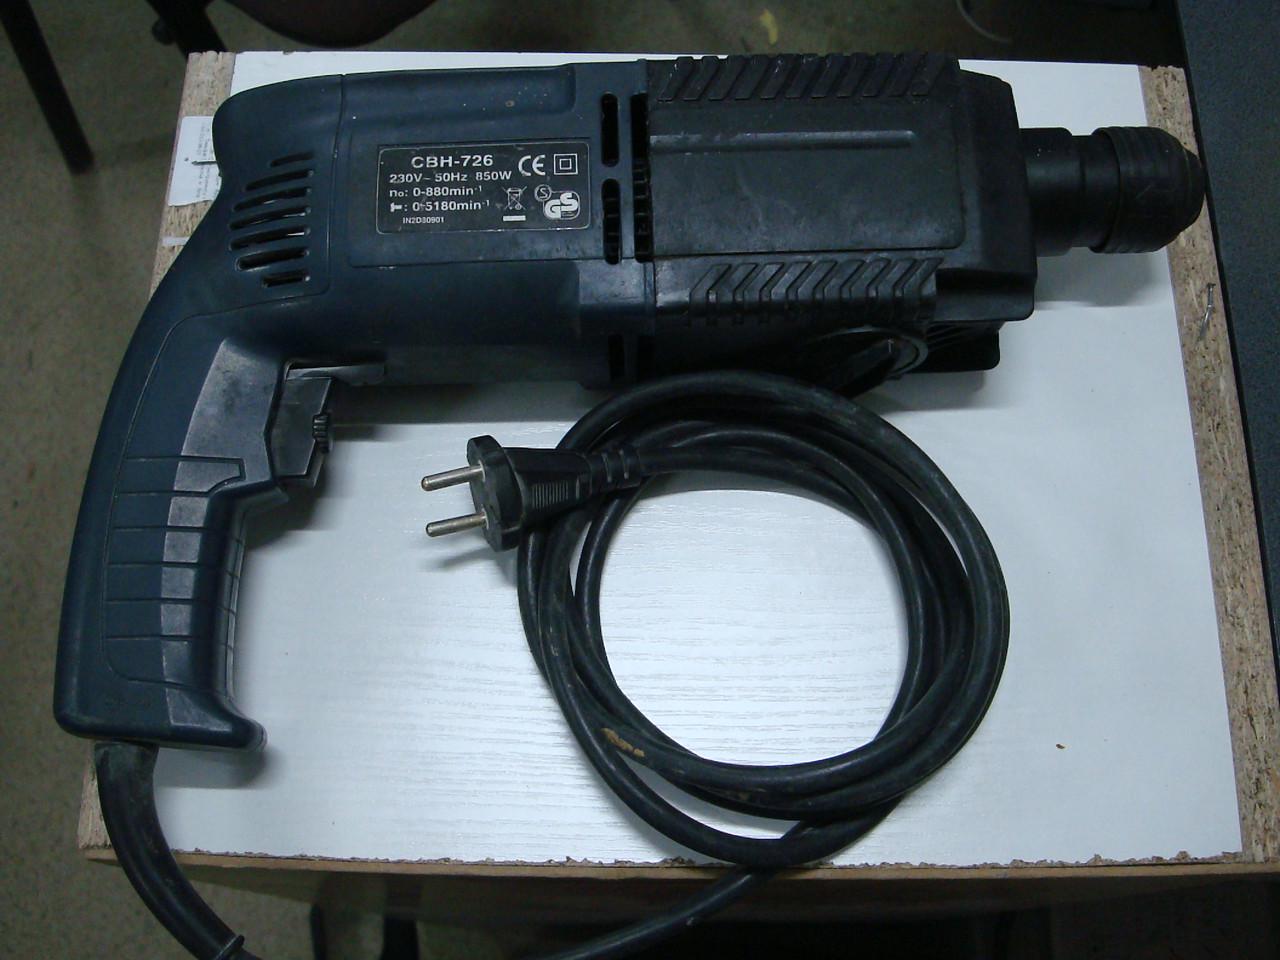 Перфоратор Craft CBH-726 (850 Ватт) на запчасти или восстановление